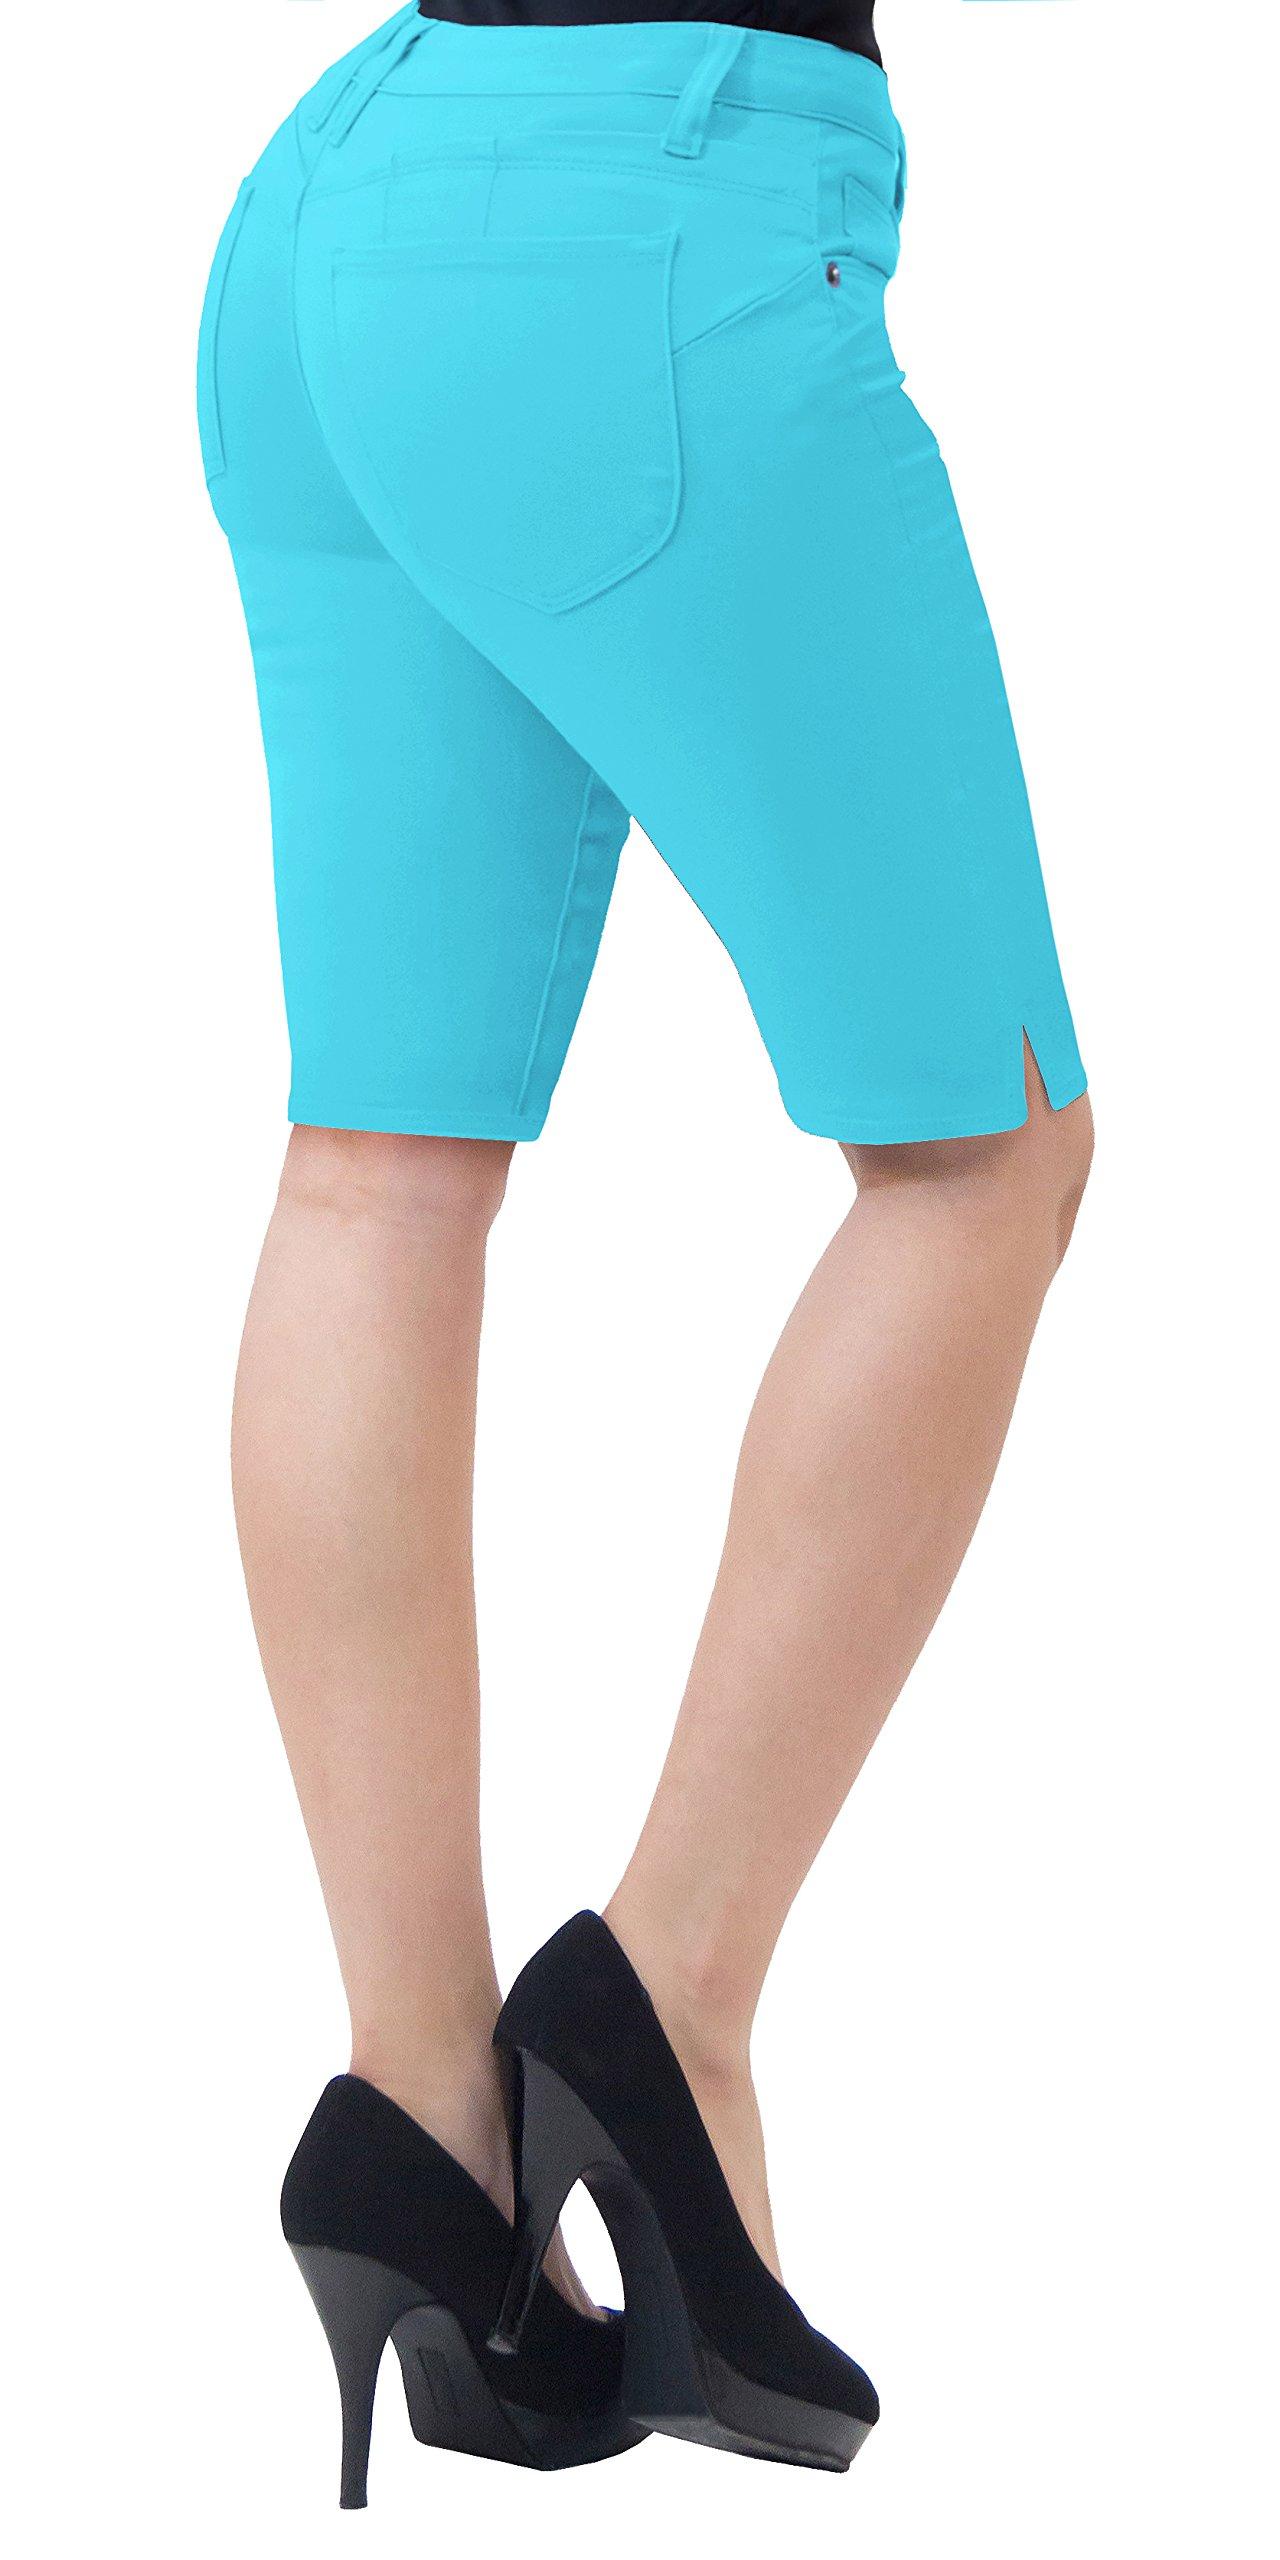 Super Comfy Stretch Bermuda Shorts B43302X Aqua 18